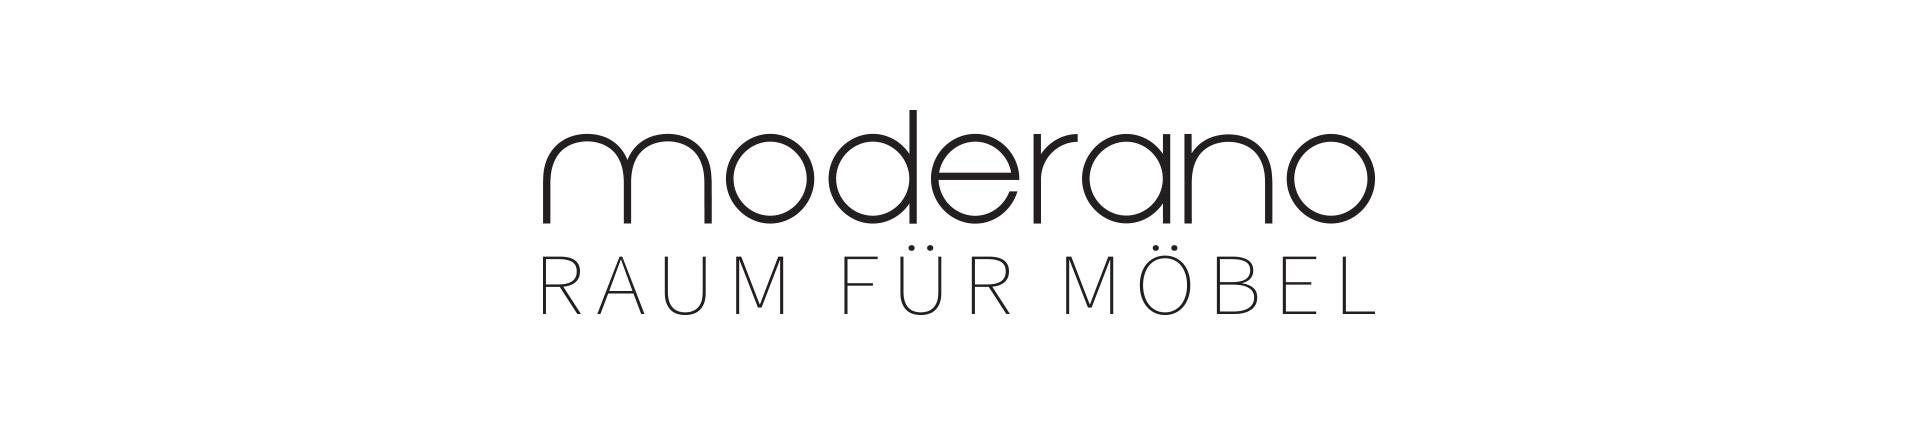 Кухни Moderano - виж всички